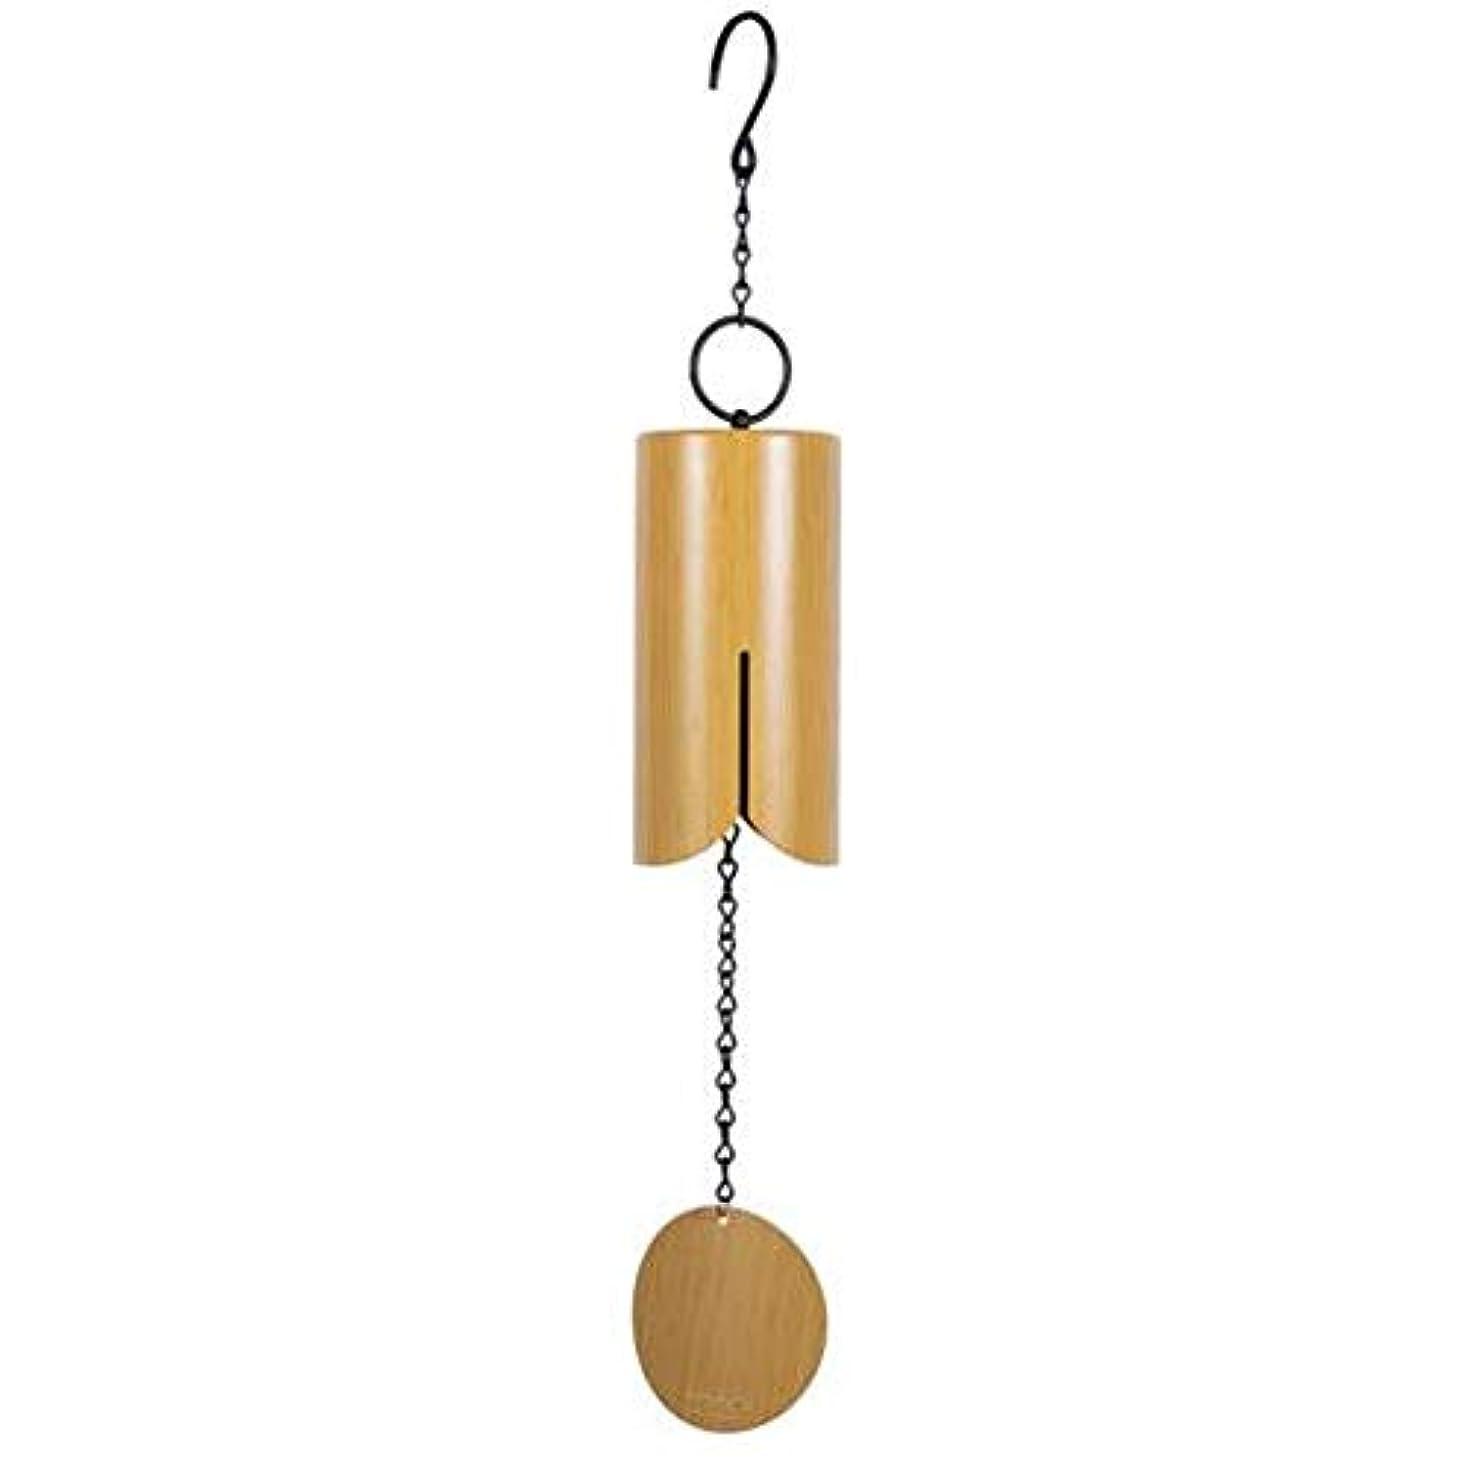 ボーカル不実錆びFengshangshanghang 風チャイム、アイアンレトロクリエイティブ風の鐘、ブラック、全身について76センチメートル,家の装飾 (Color : Natural)